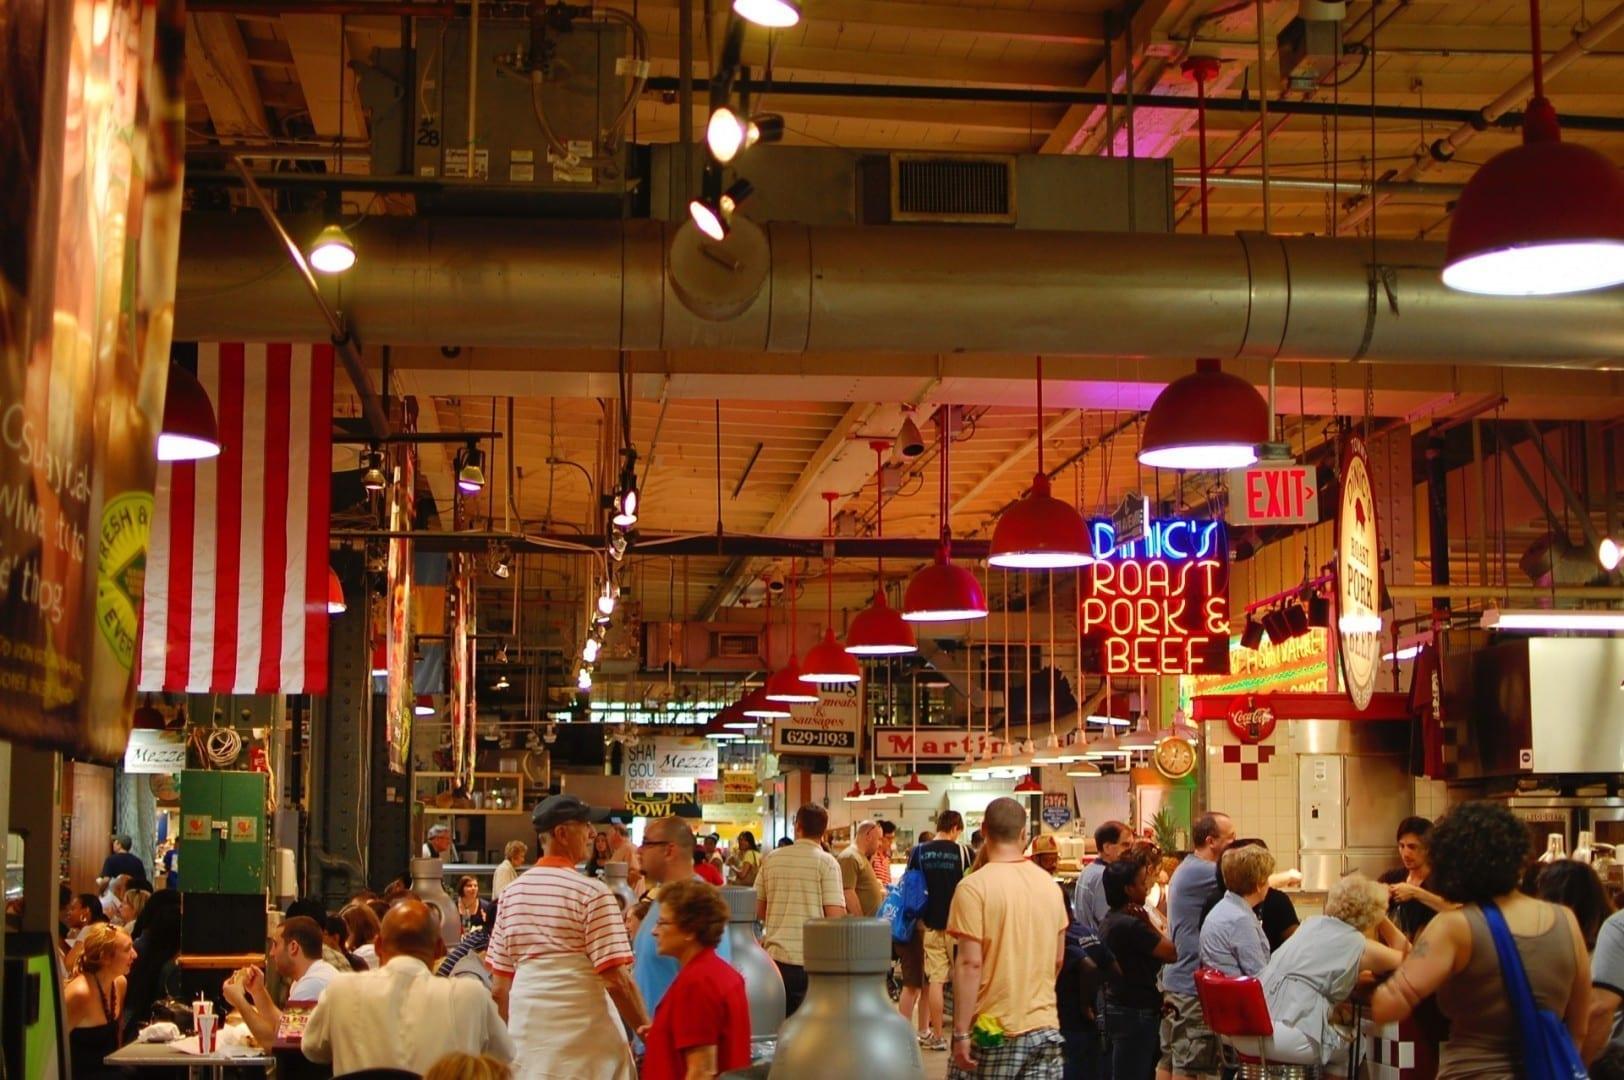 Leer el mercado de la terminal Filadelfia Estados Unidos